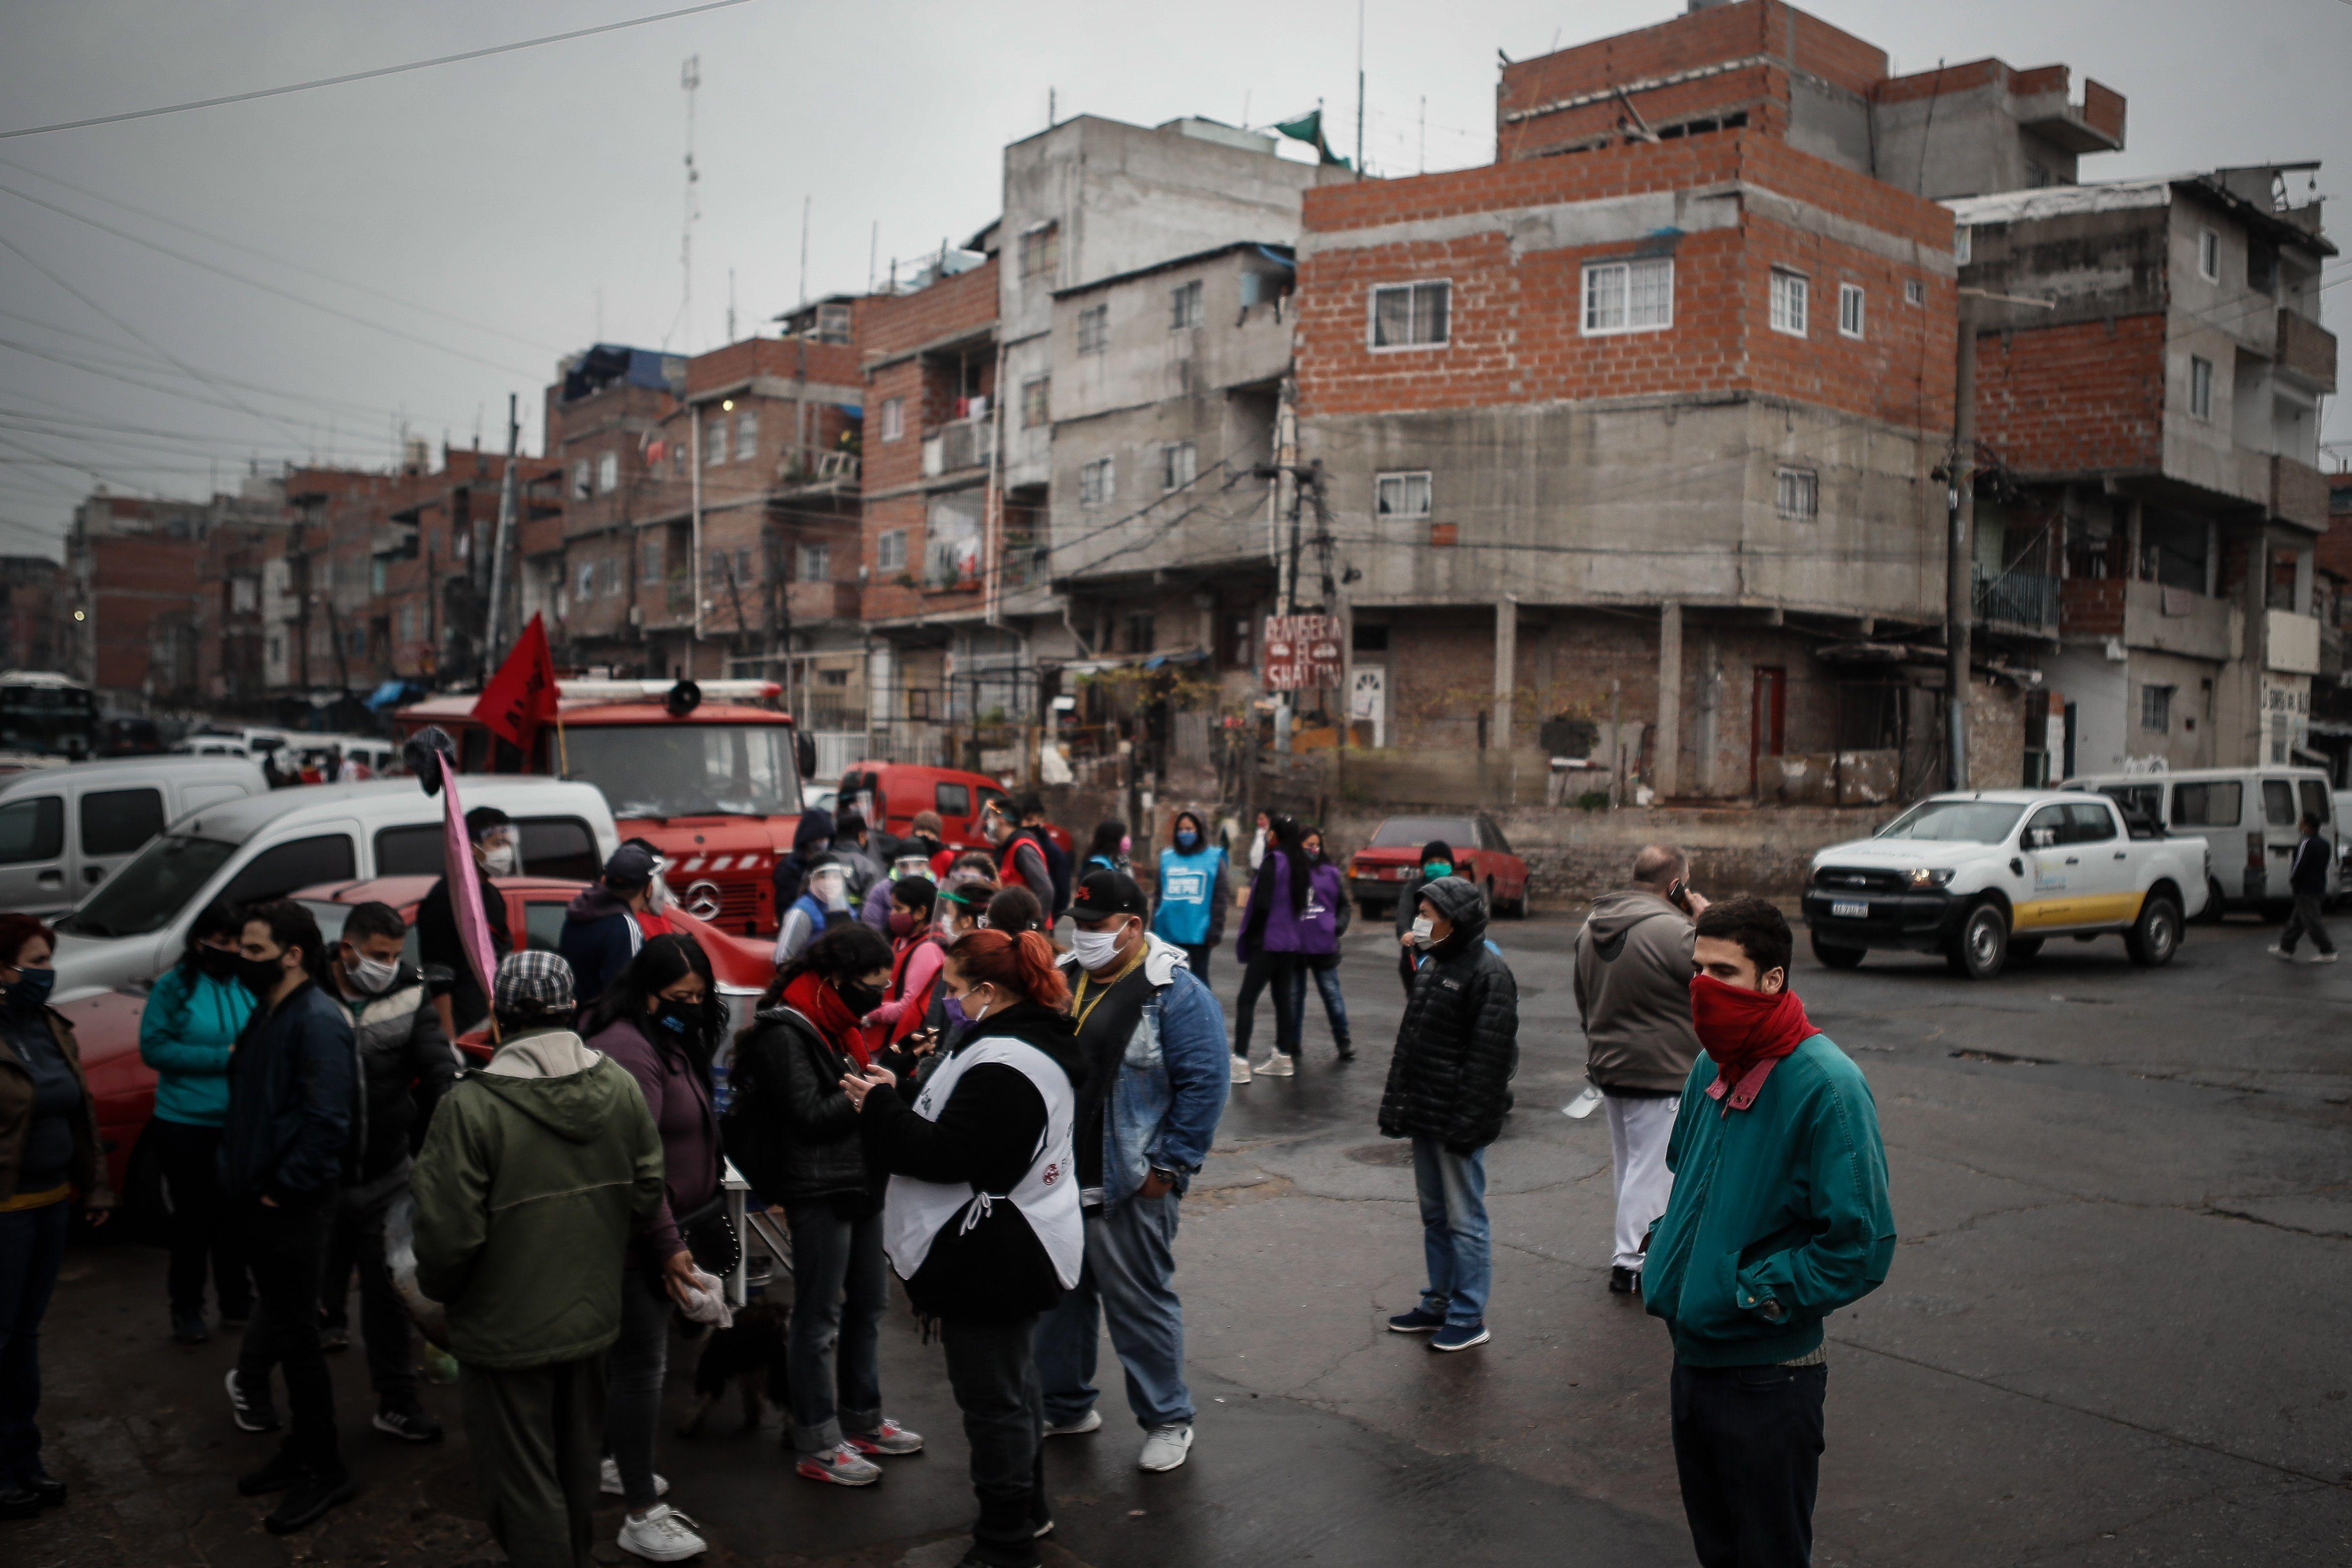 La Argentina es el único país del mundo que reformó su Constitución -1957- para garantizar al Pueblo vivienda digna. Promesa que nunca se cumplió y hoy tenemos millones de habitantes viviendo en barrios precarios ignominiosos (EFE)